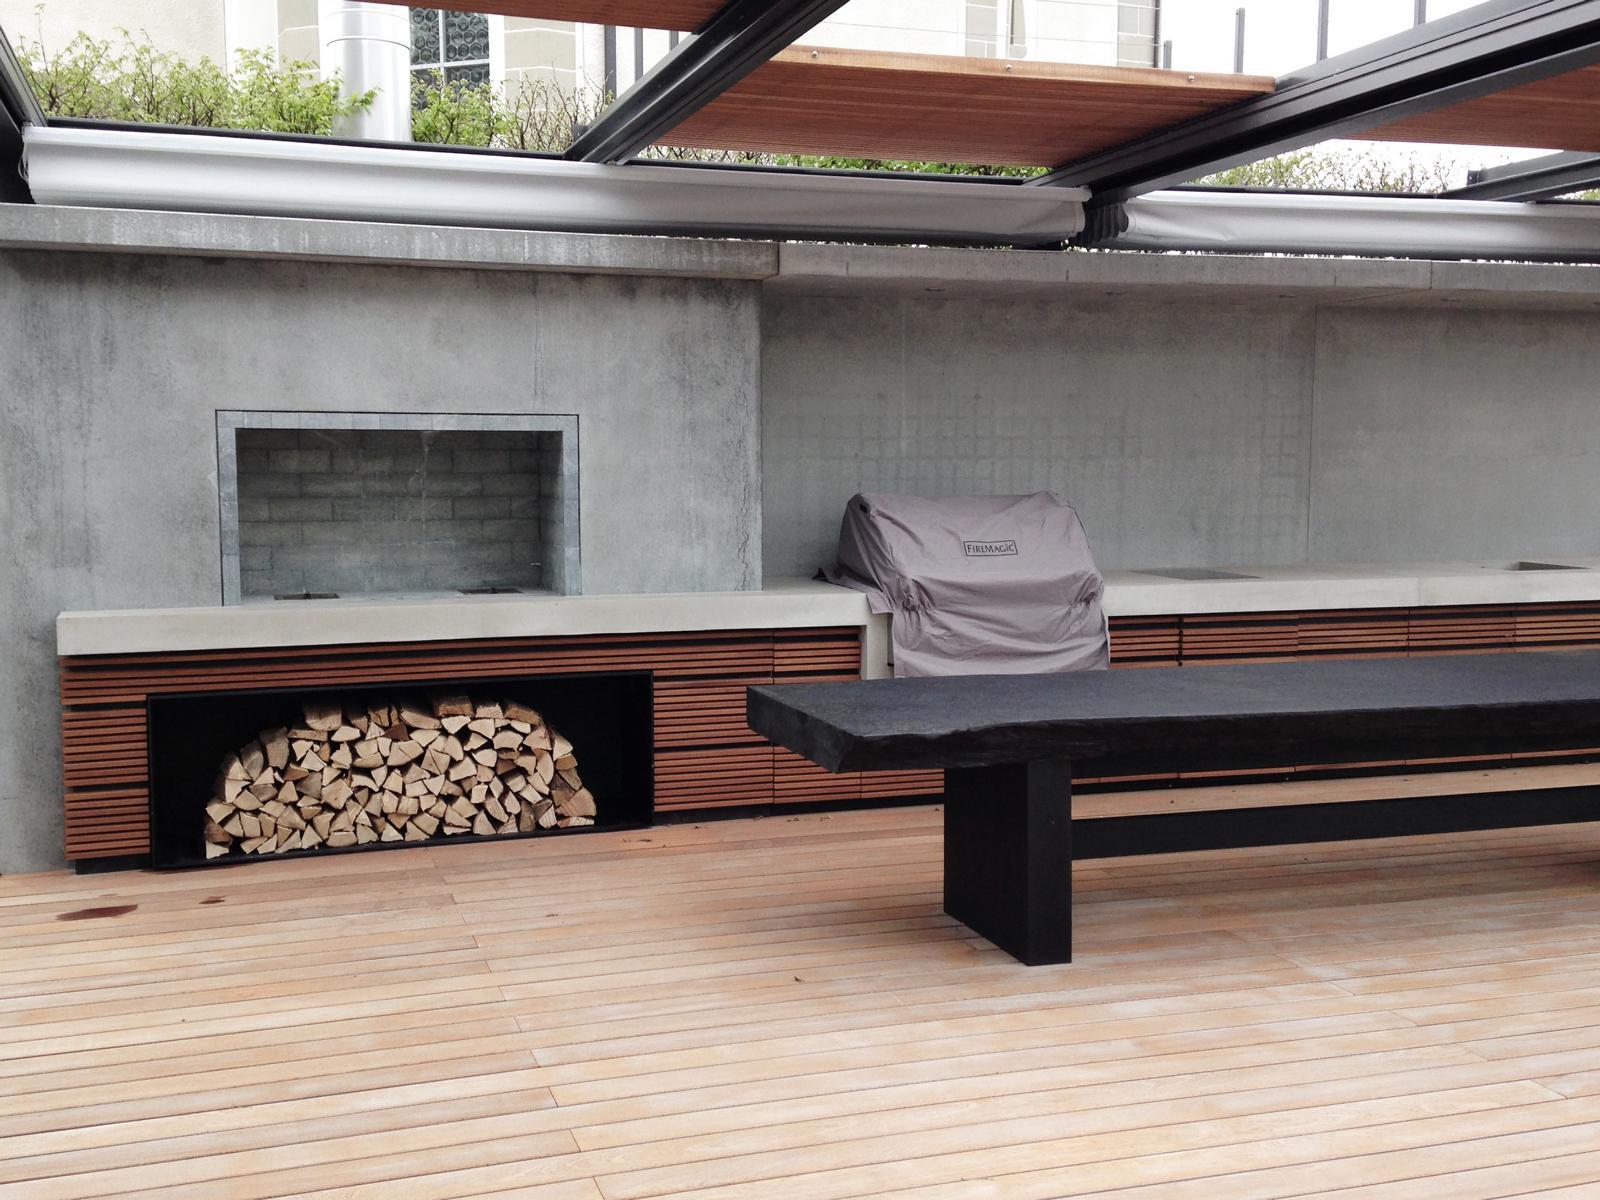 Outdoor Küche Edelstahl Schrank : Outdoor küche edelstahl schrank eine outdoor küche selber bauen